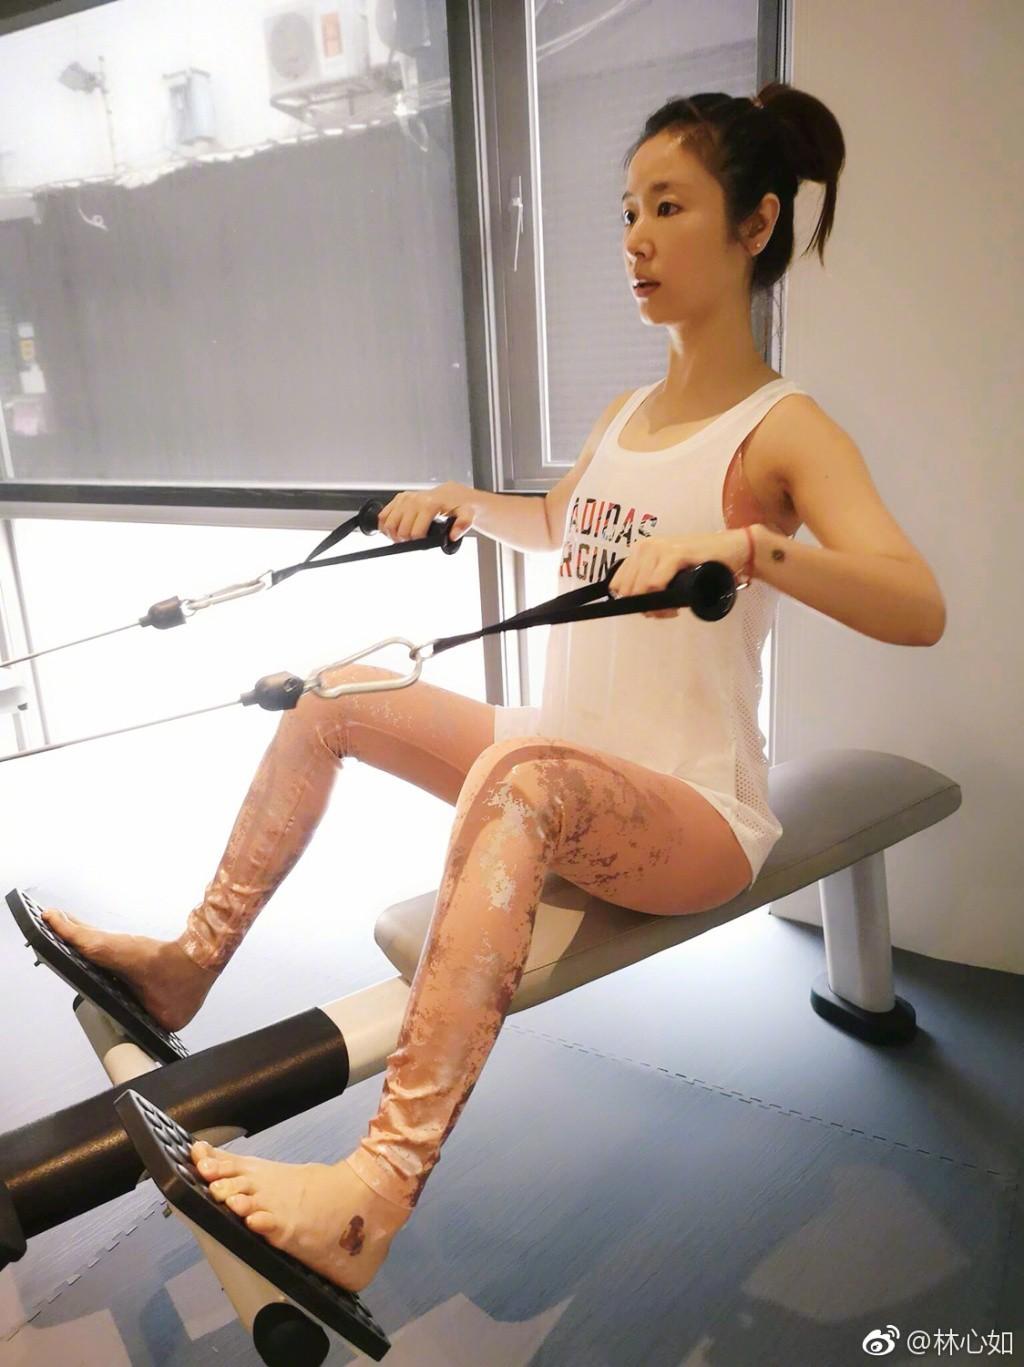 Đua với Triệu Vy, Lâm Tâm Như quyết tâm tập luyện và ăn uống healthy để sở hữu vóc dáng mình dây - Ảnh 2.